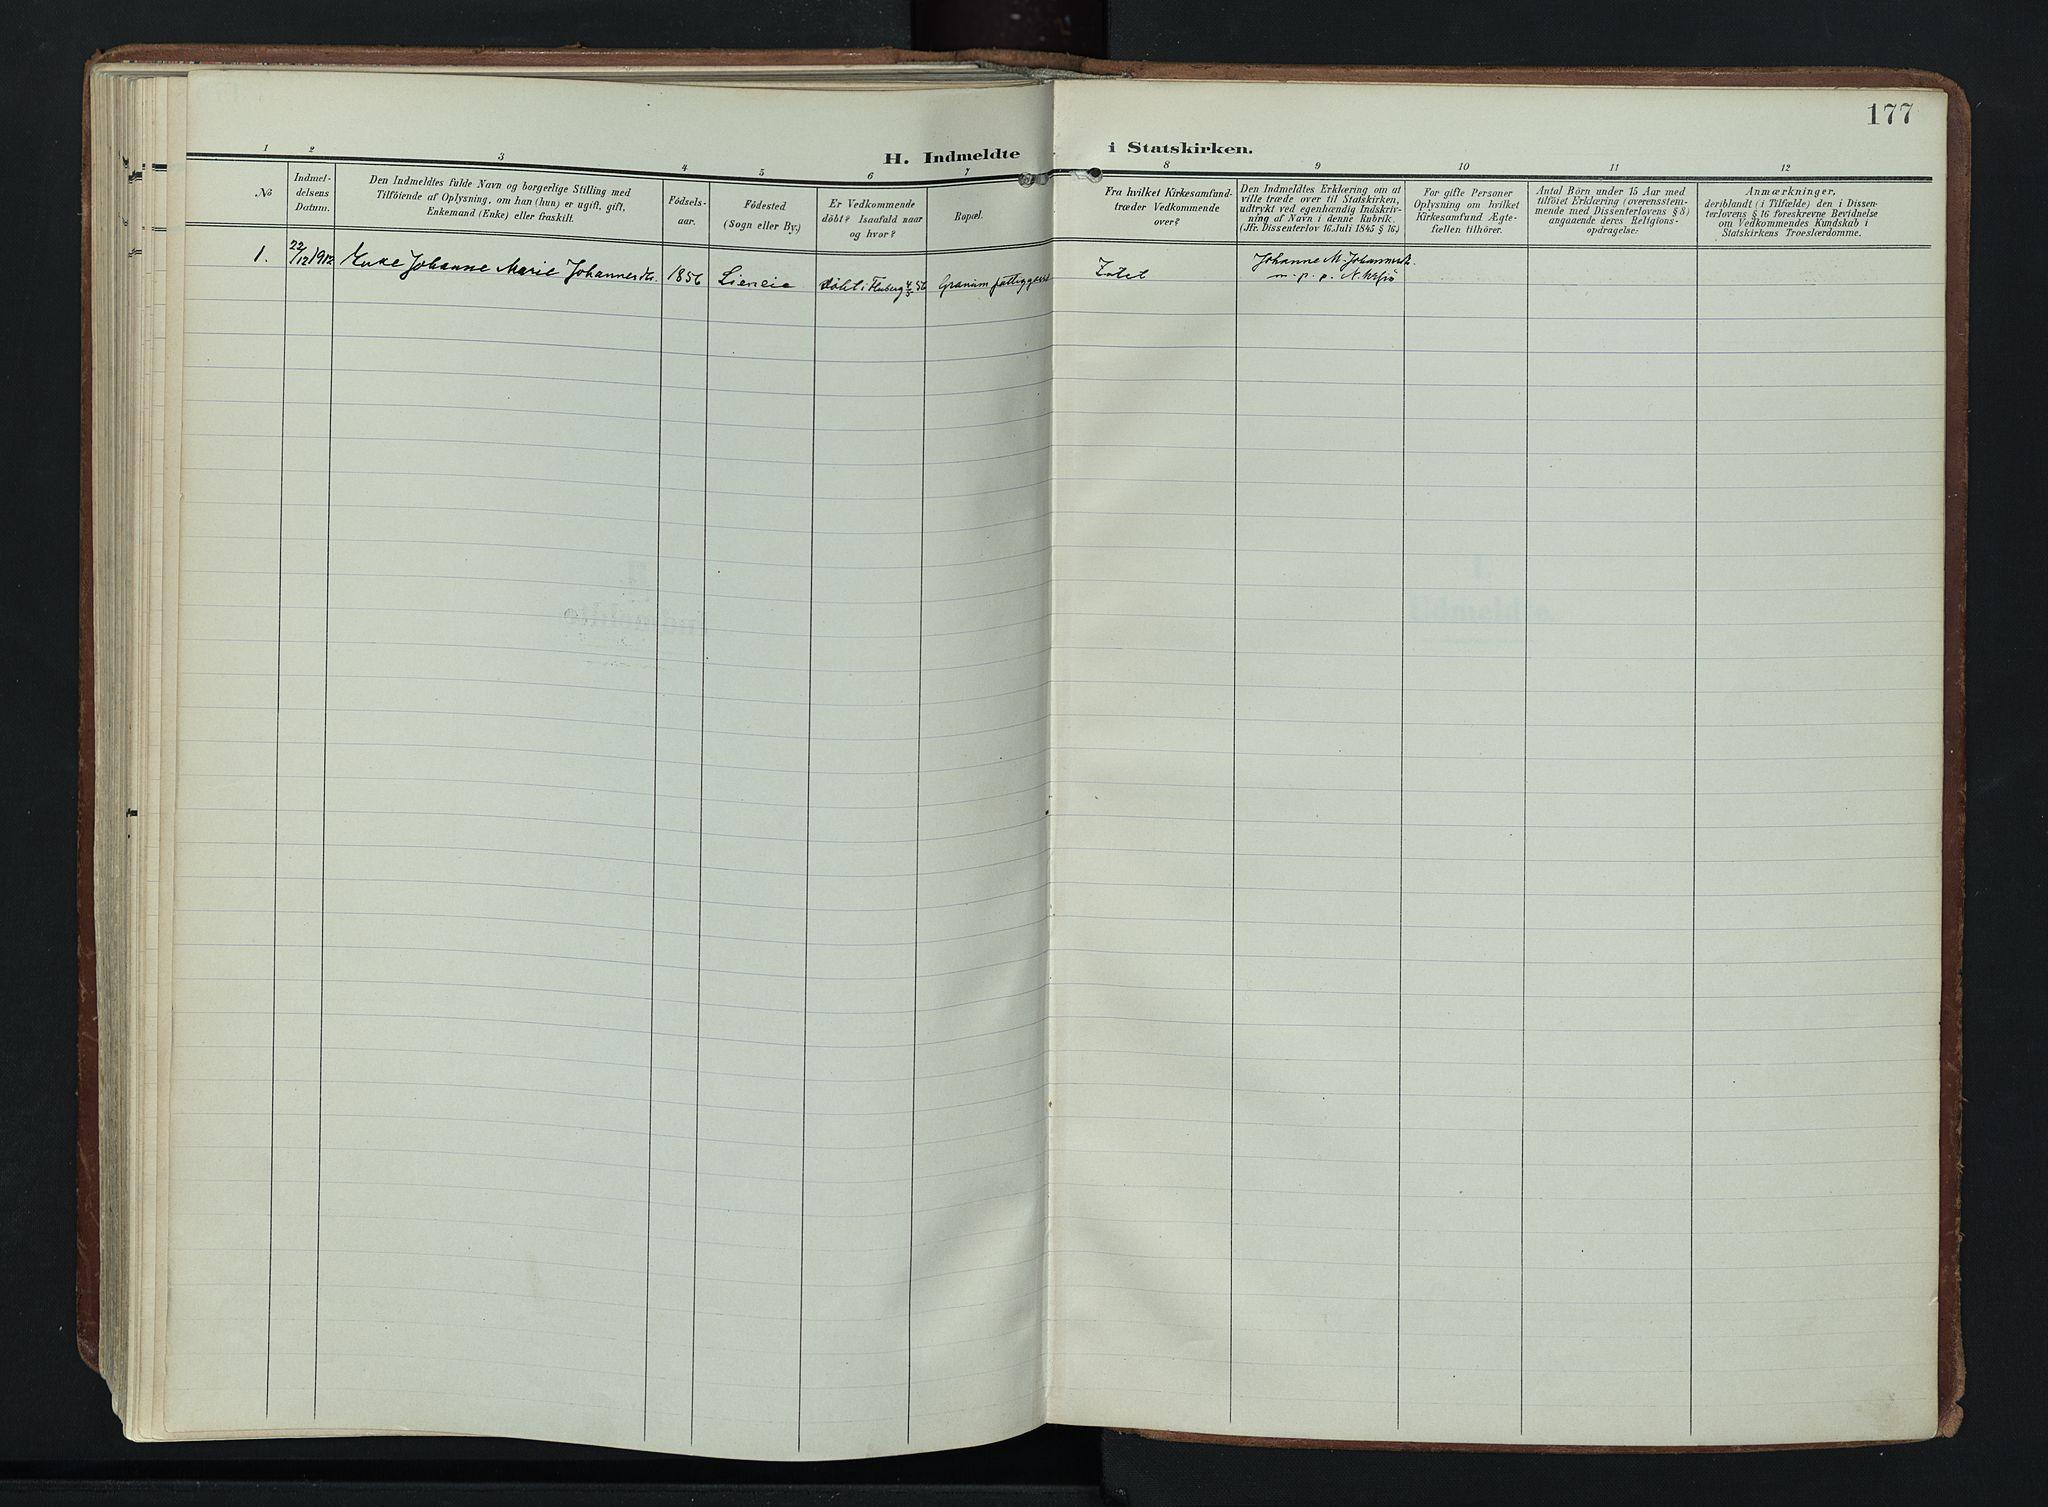 SAH, Søndre Land prestekontor, K/L0007: Ministerialbok nr. 7, 1905-1914, s. 177